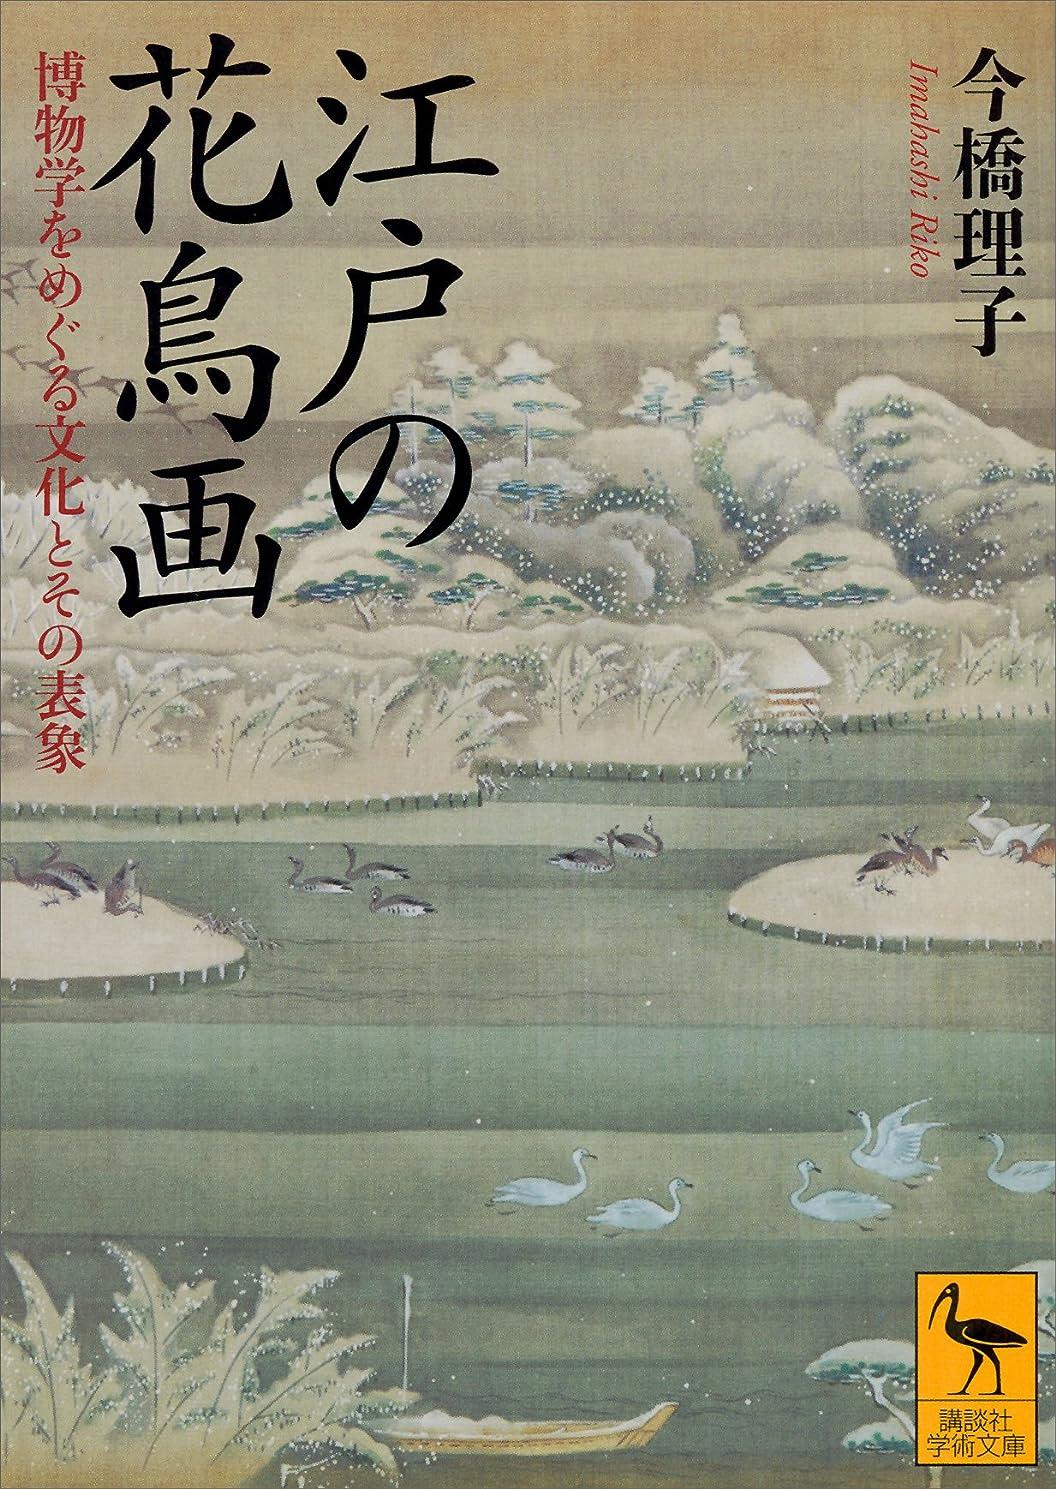 統計不利あいまいな江戸の花鳥画 博物学をめぐる文化とその表象 (講談社学術文庫)